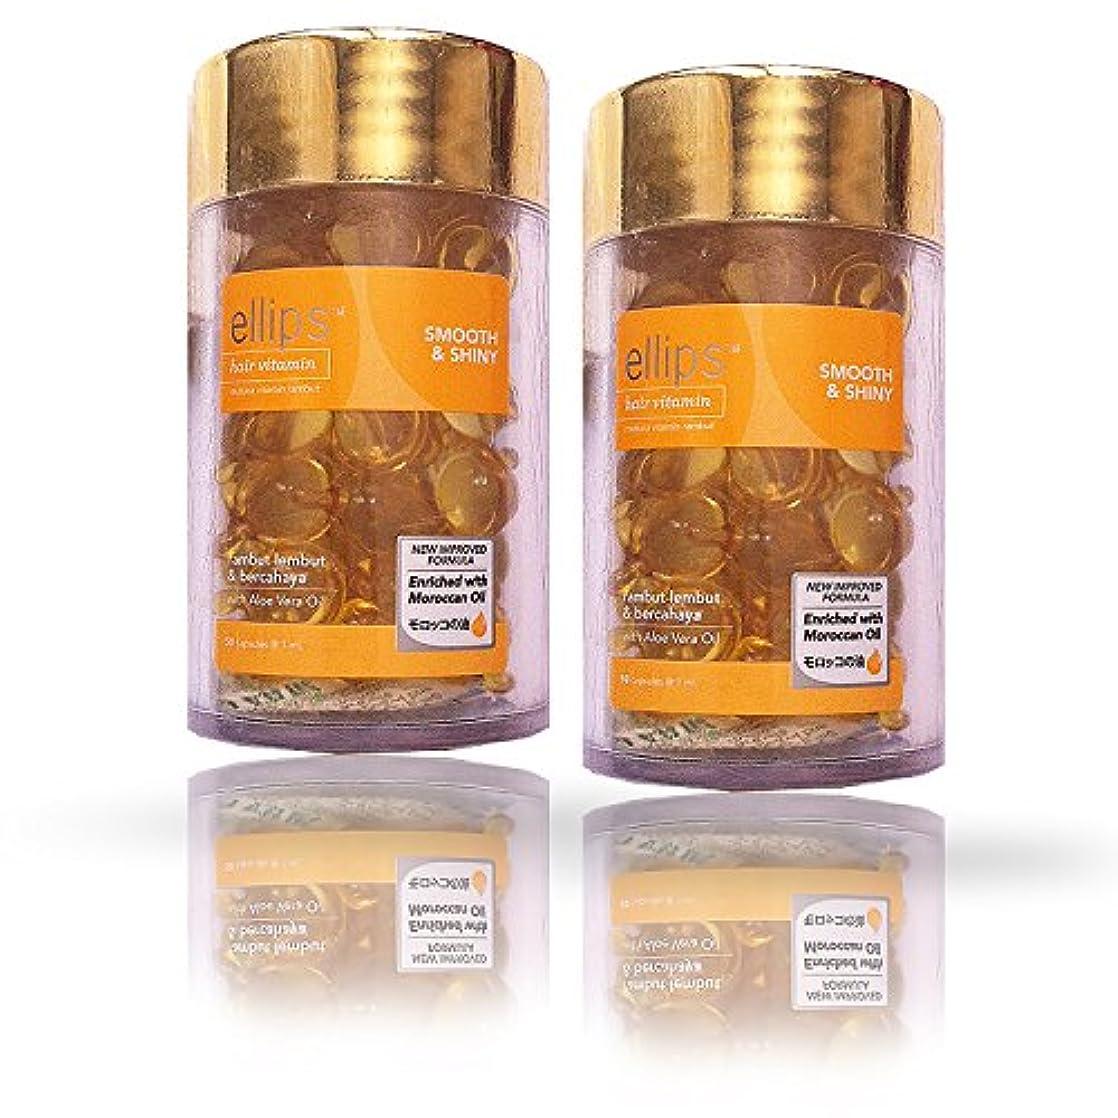 ストライク担当者アルネエリップス(ellips)スムース&シャイニー(フレッシュ トロピカル フルーツの香り) ボトル50粒×2個